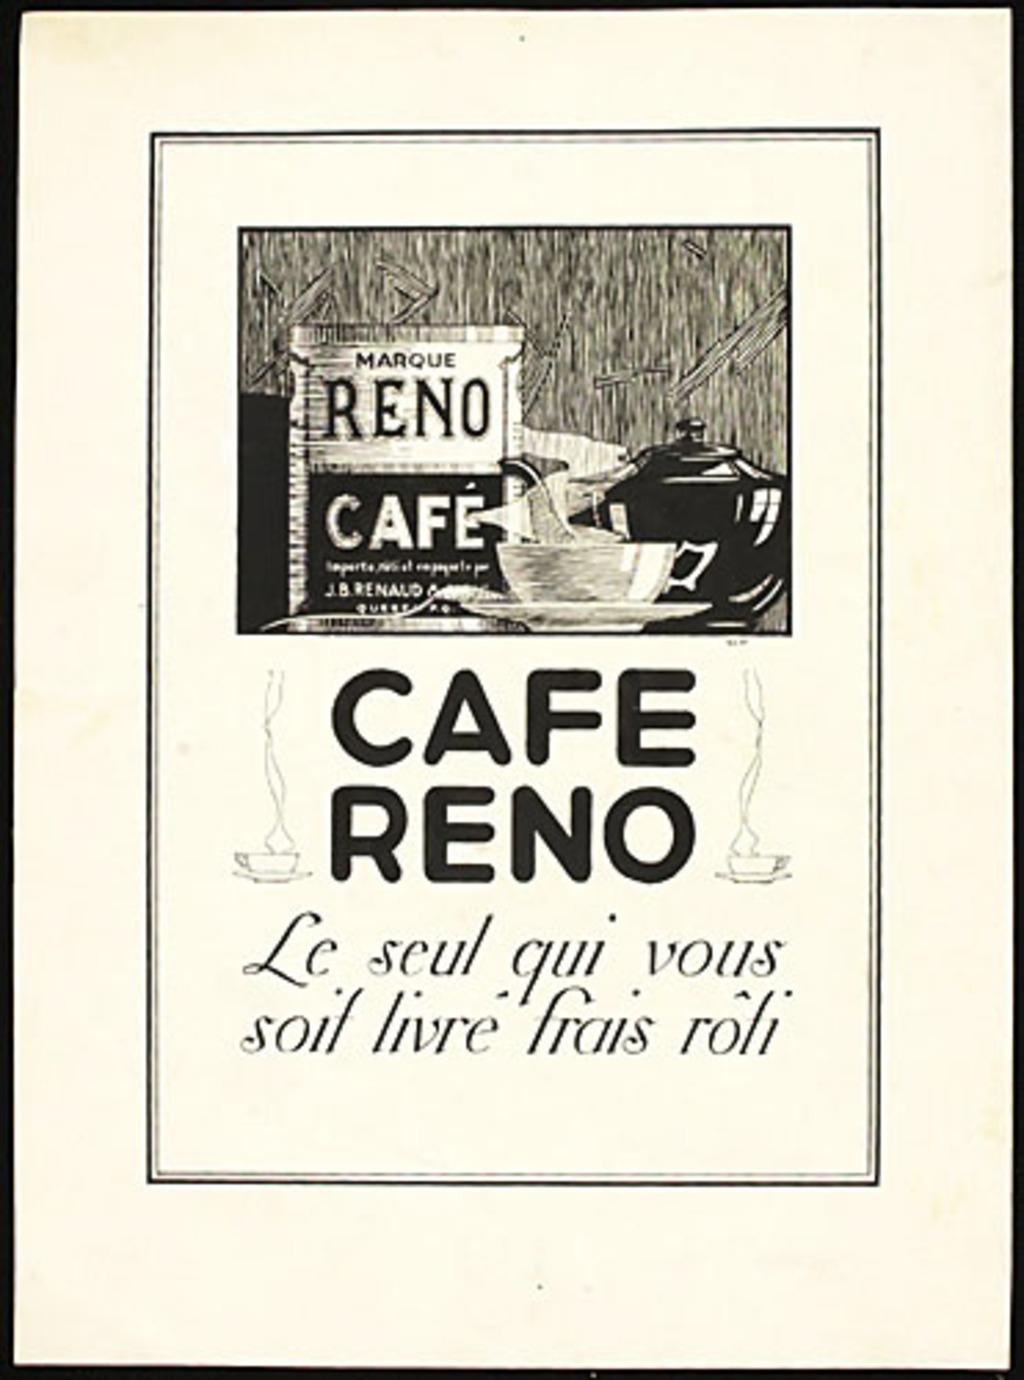 Illustration pour l'affiche « Café Reno »